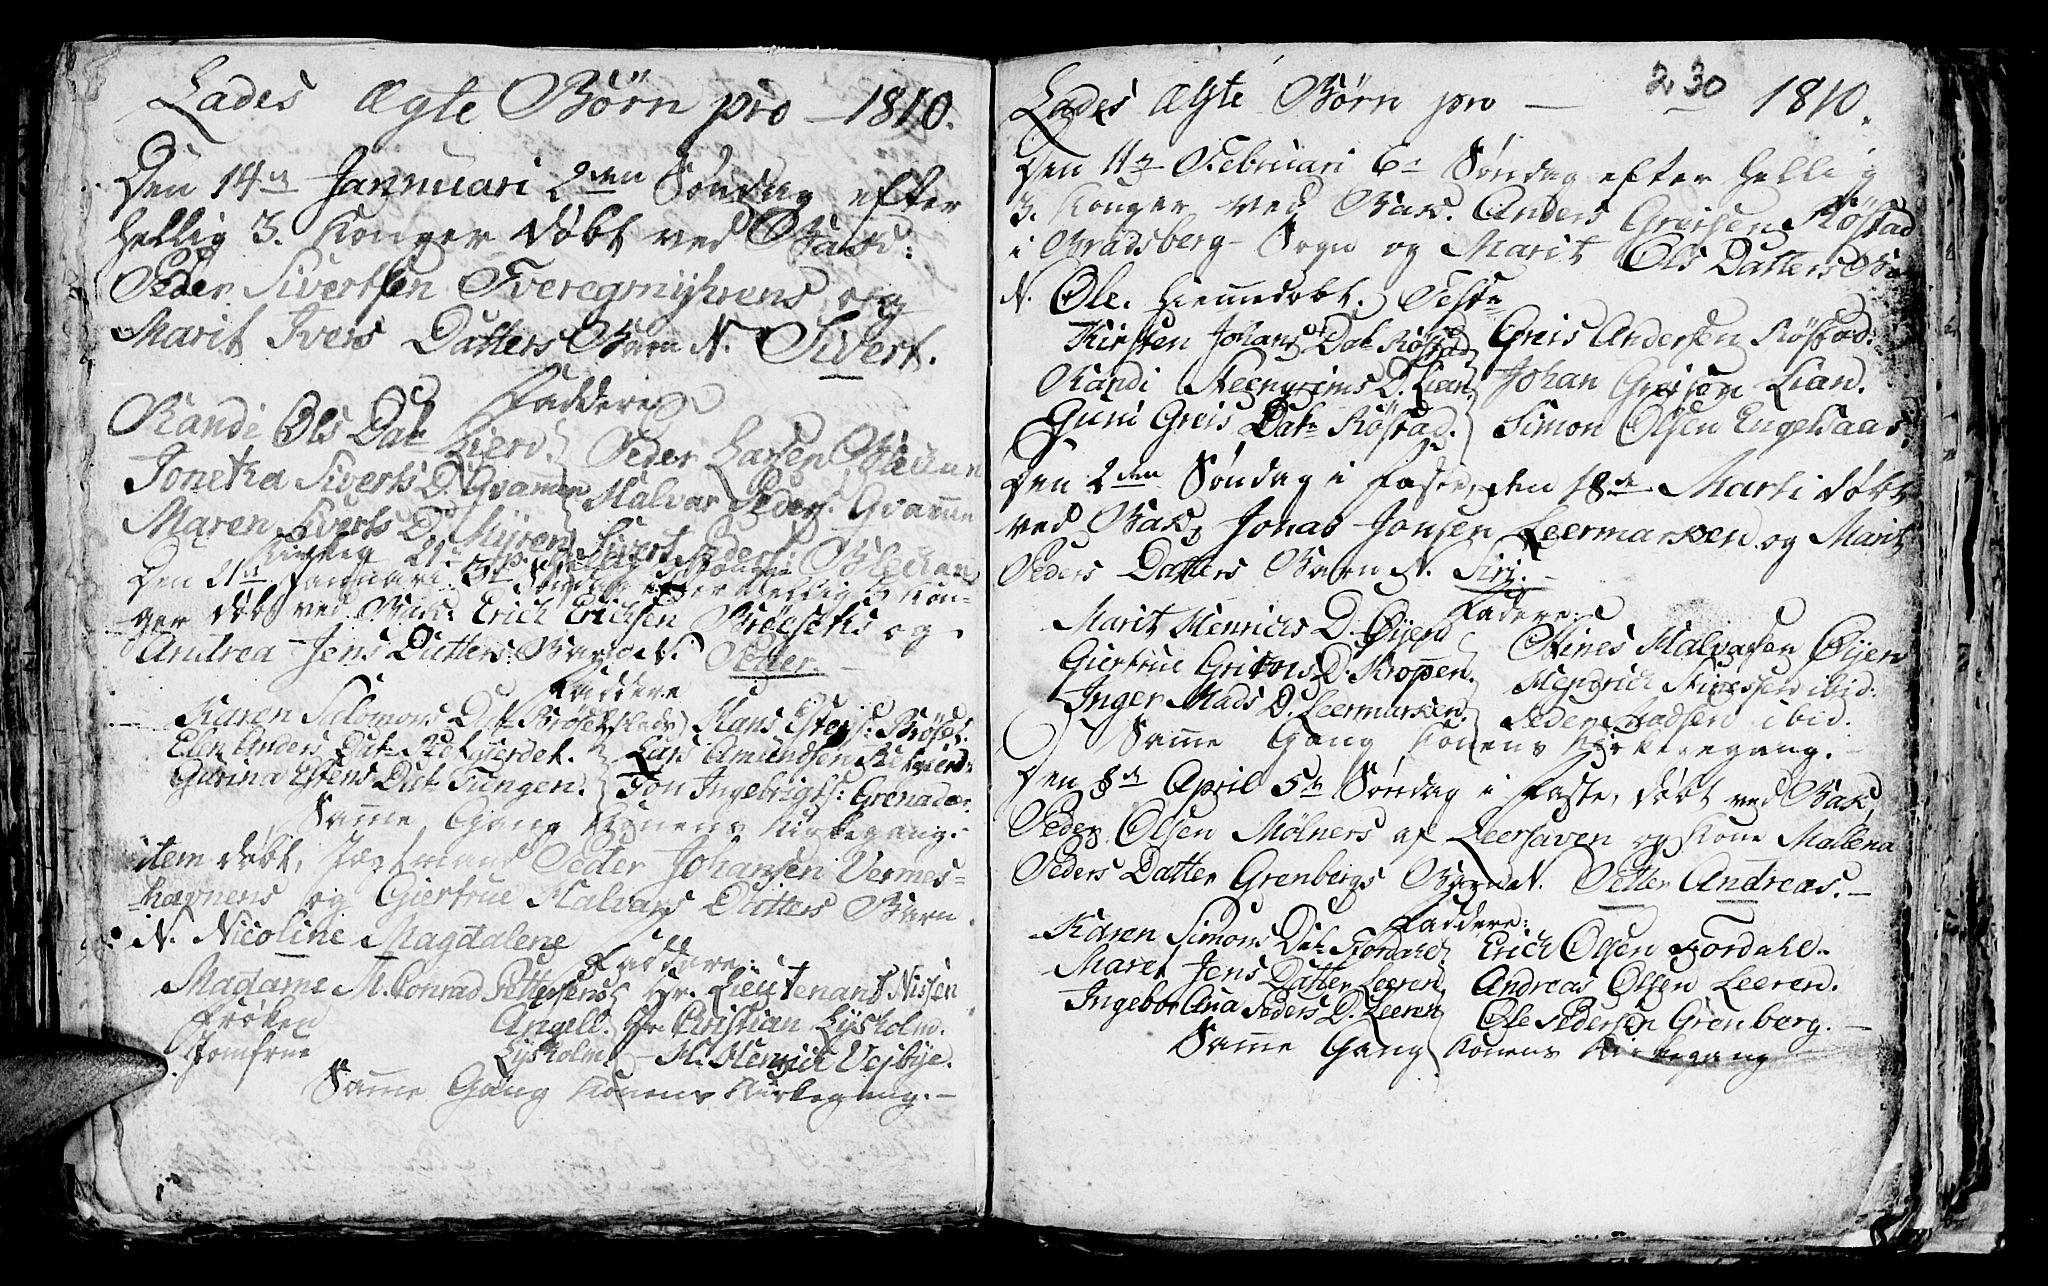 SAT, Ministerialprotokoller, klokkerbøker og fødselsregistre - Sør-Trøndelag, 606/L0305: Klokkerbok nr. 606C01, 1757-1819, s. 230